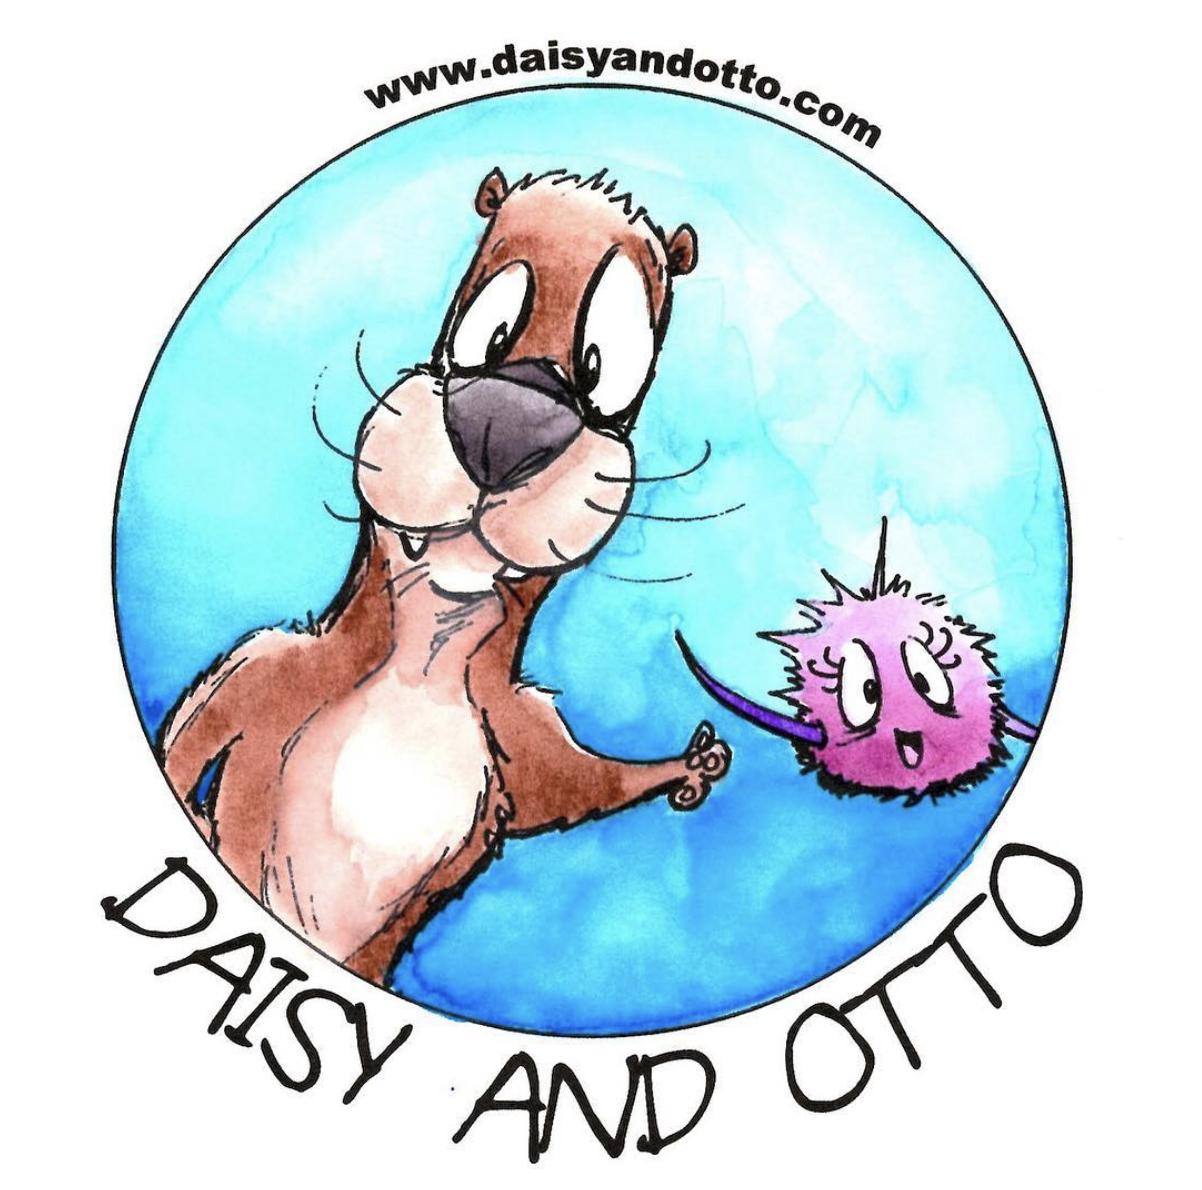 Daisy and Otto